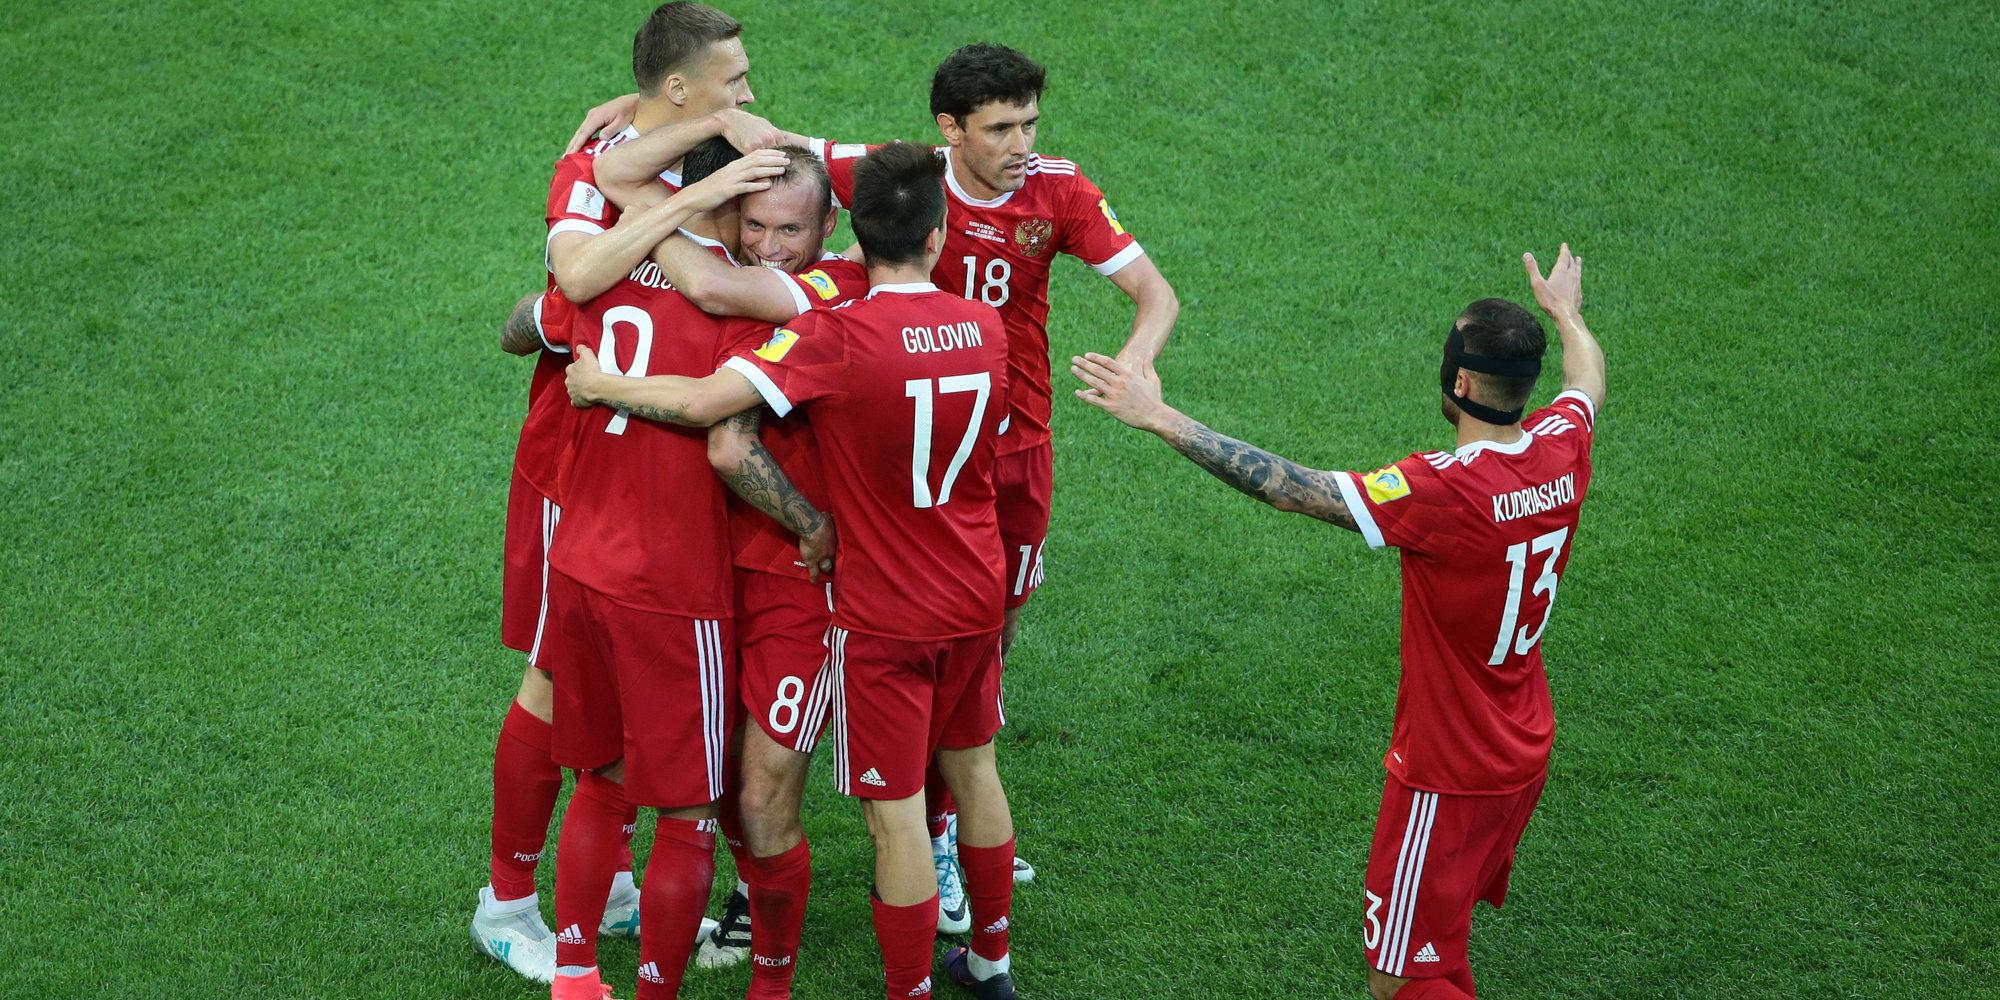 Португалия: Итальянский судья Рокки обслужит матч Кубка конфедерации Российская Федерация